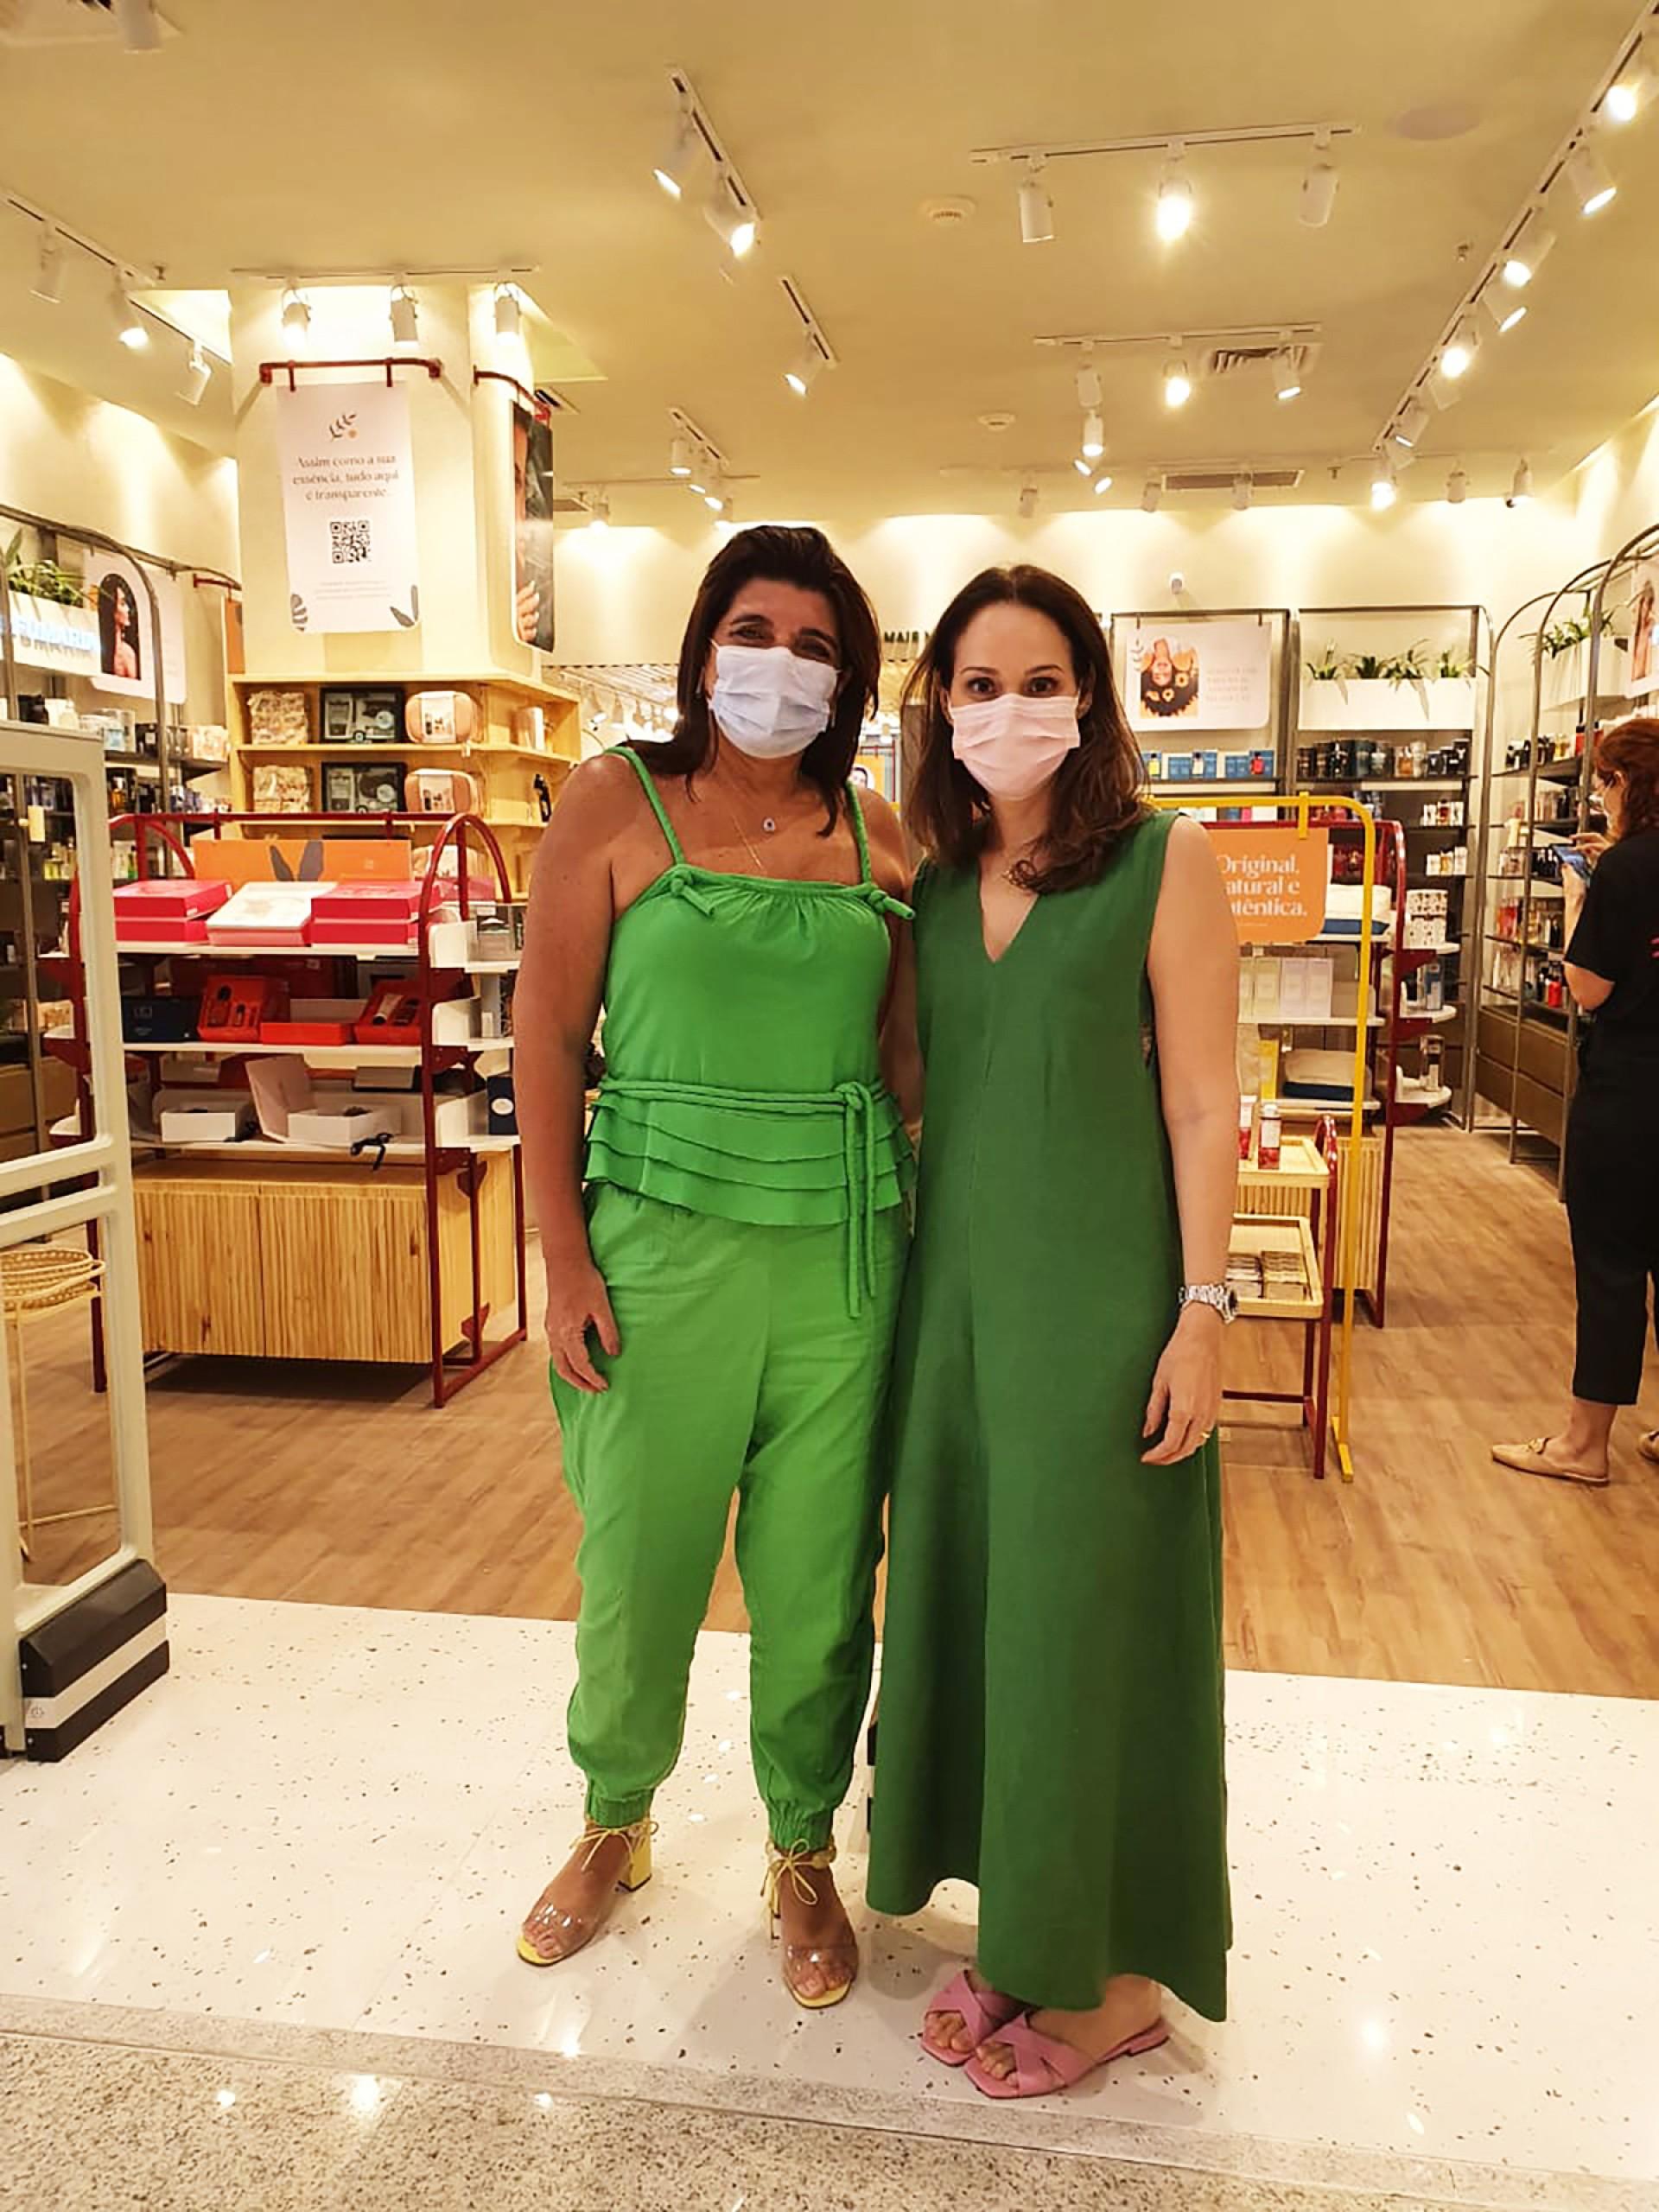 Dnyse Queiroz e Juliana Carneiro abrem mais uma loja do Grupo AmericaNews, a Verdant, voltada a produtos sustentáveis